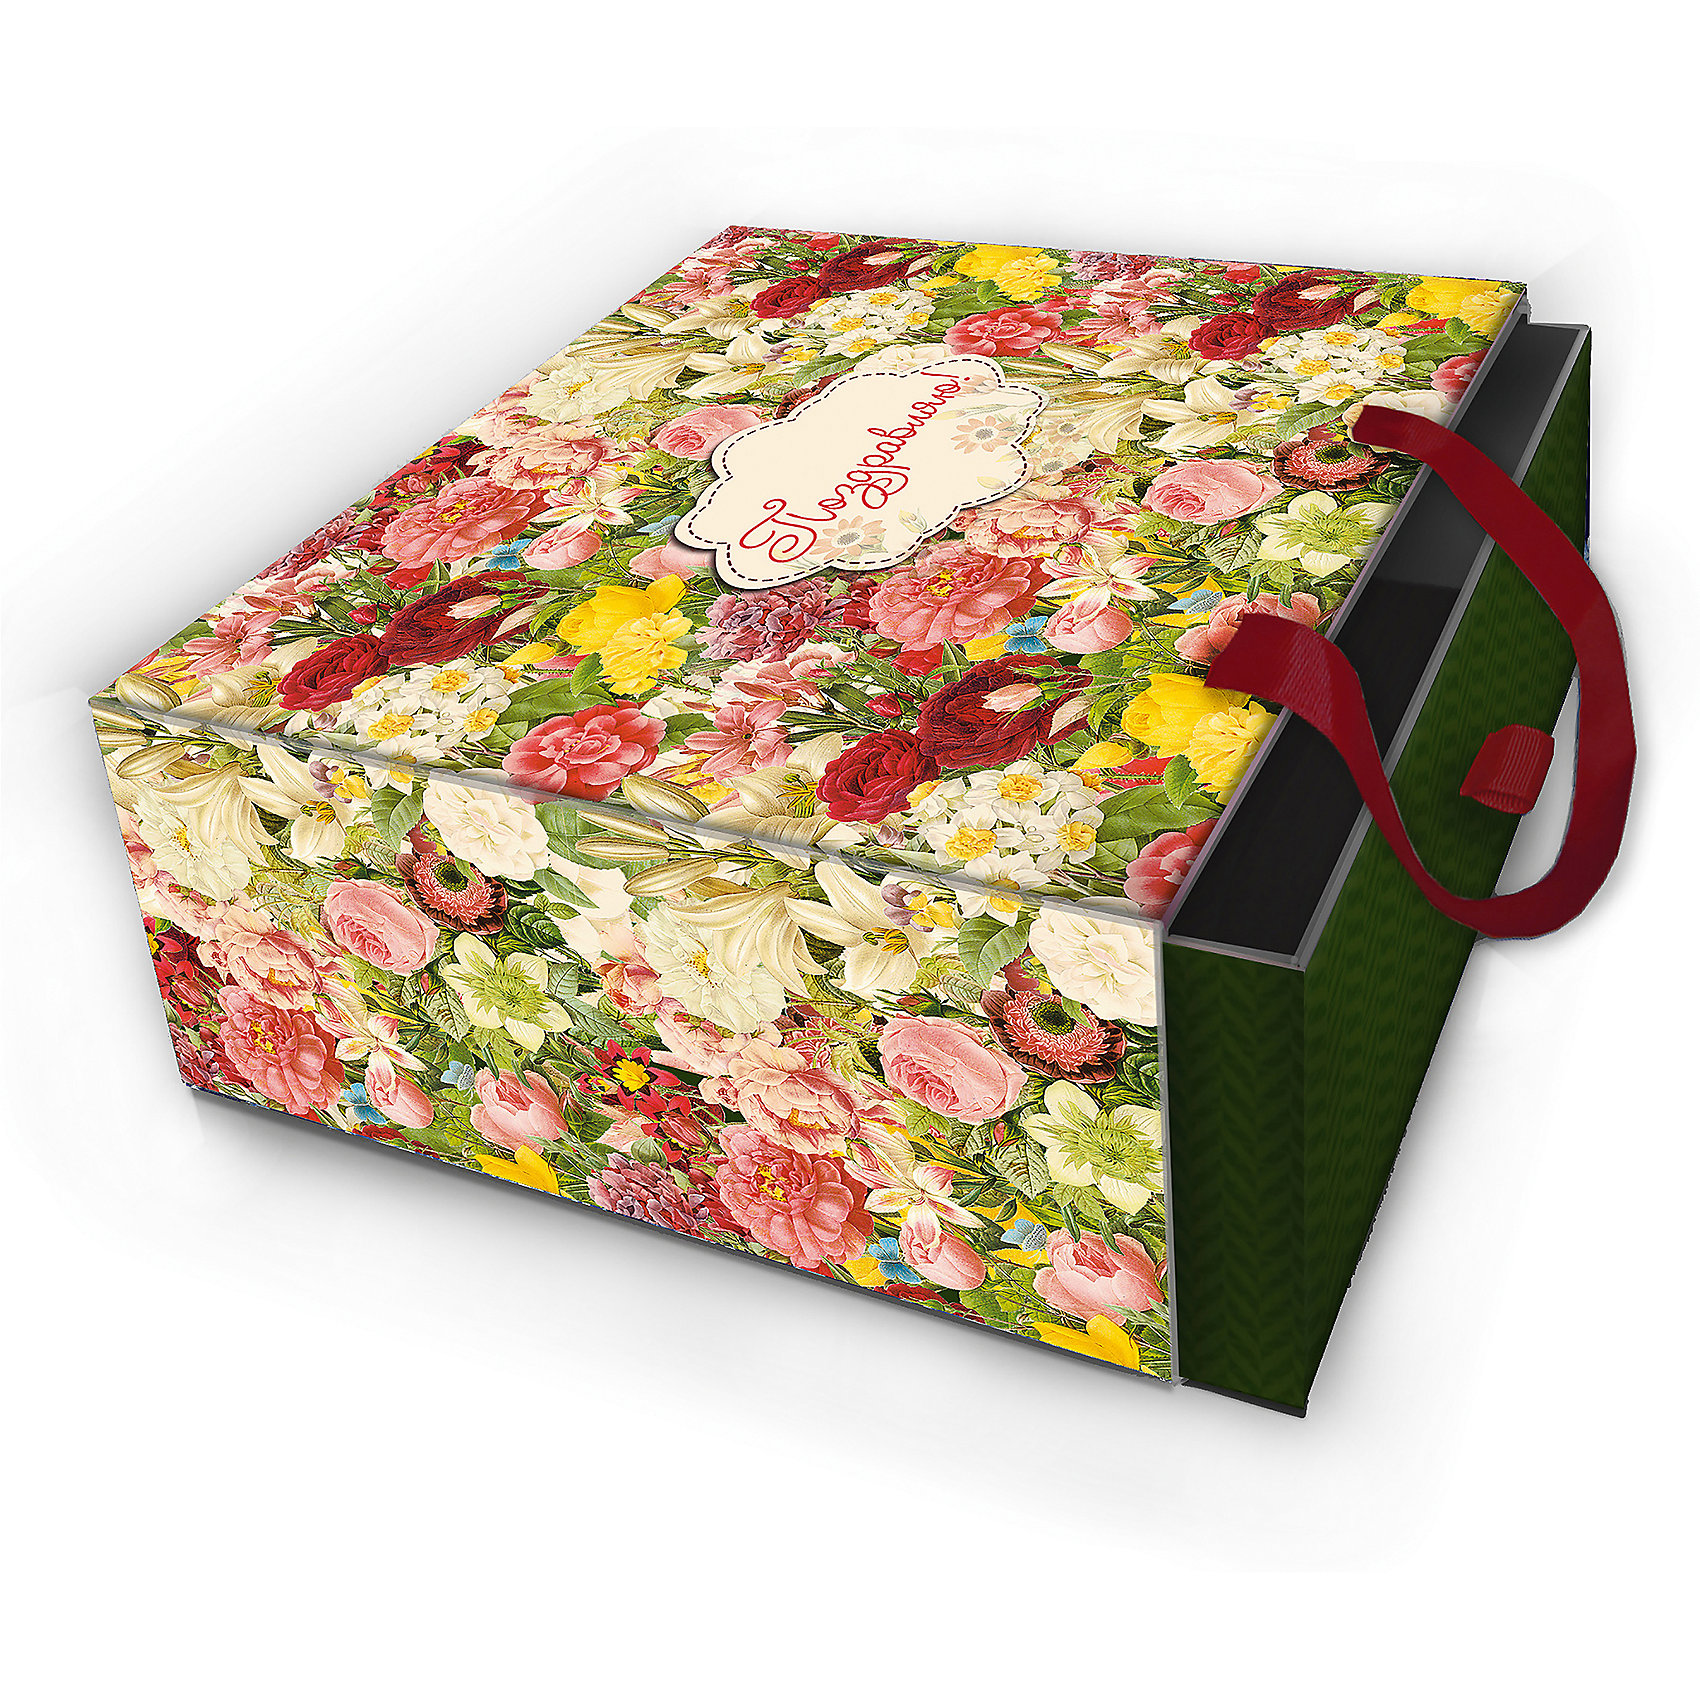 Коробка подарочная Райский сад, 18х18х9,5см., Феникс-ПрезентПредметы интерьера<br>Коробка подарочная Райский сад, 18х18х9,5см., Феникс-Презент<br><br>Характеристики:<br><br>• оригинальный дизайн<br>• удобные ручки на внешней стороне<br>• петелька на внутренней части<br>• размер: 18х18х9,5 см<br>• материал: ламинированный картон, текстиль<br><br>Если вы хотите добавить подарку оригинальности - используйте необычную подарочную коробку. Коробка Райский сад изготовлена из прочного ламинированного картона. Она состоит из двух частей. Внутренняя часть вставляется в наружную. На внутренней части есть небольшая петелька, с помощью которой получатель с легкостью достанет подарок. Наружная часть имеет две красивые ручки для удобства переноски. Коробка оформлена ярким изображением цветов.<br><br>Коробку подарочную Райский сад, 18х18х9,5см., Феникс-Презент можно купить в нашем интернет-магазине.<br><br>Ширина мм: 180<br>Глубина мм: 180<br>Высота мм: 95<br>Вес г: 243<br>Возраст от месяцев: 36<br>Возраст до месяцев: 2147483647<br>Пол: Унисекс<br>Возраст: Детский<br>SKU: 5449640